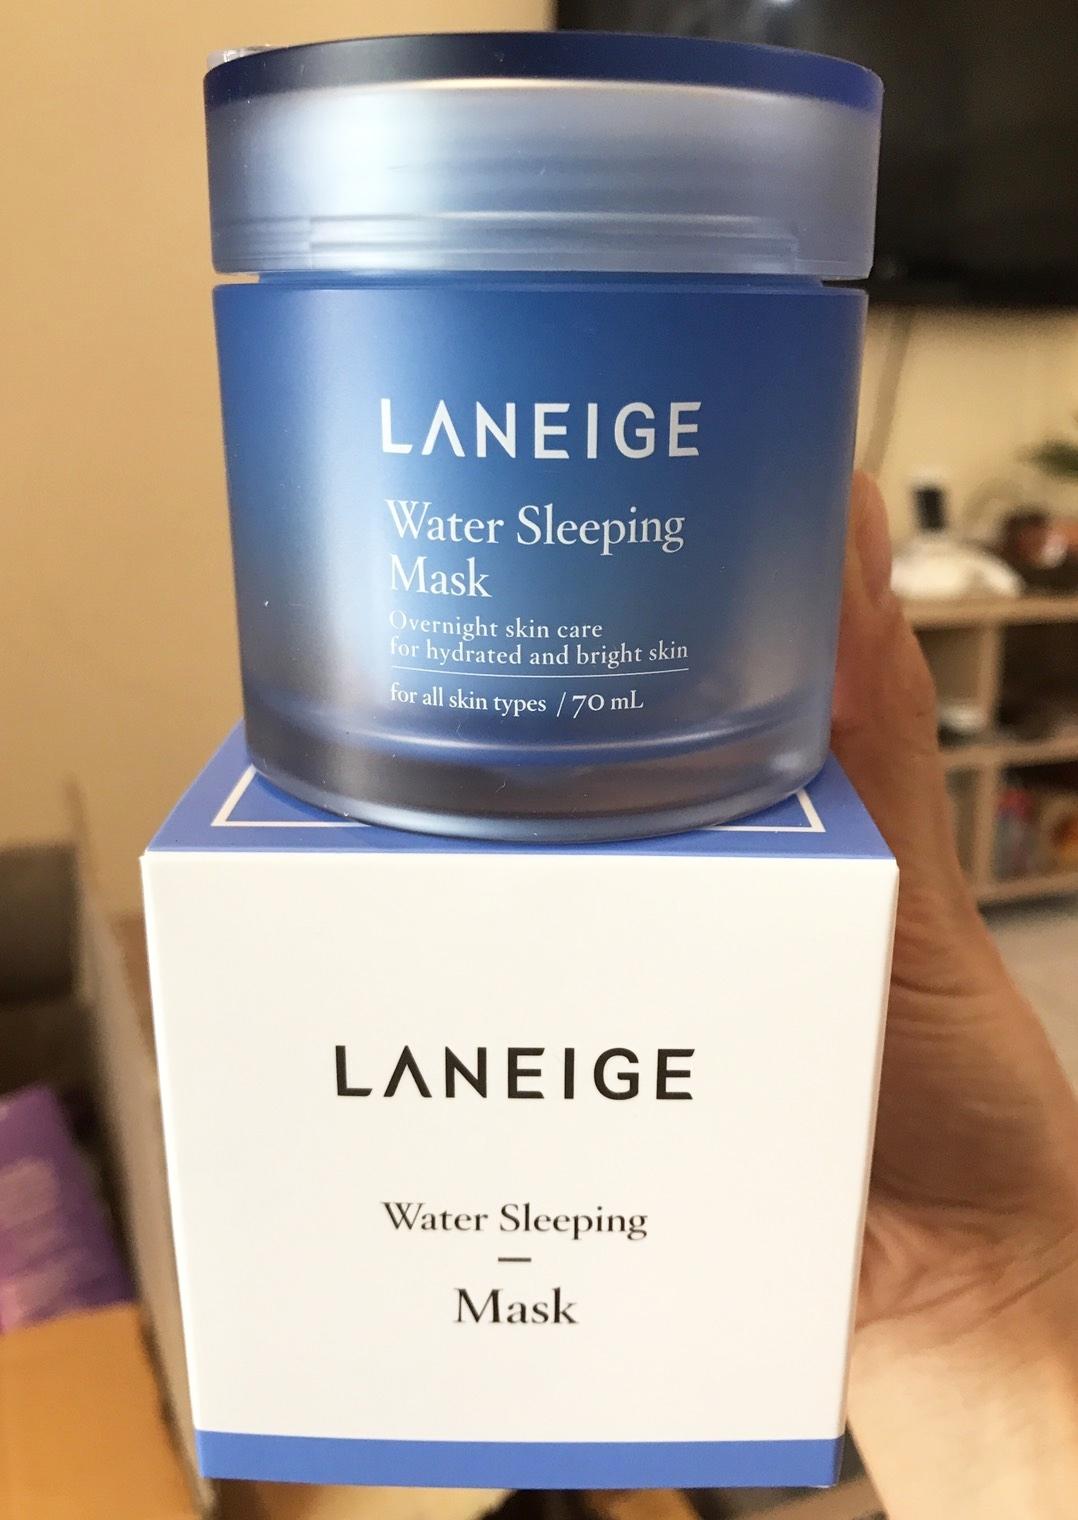 Laneige Water Sleeping Mask 70ml.